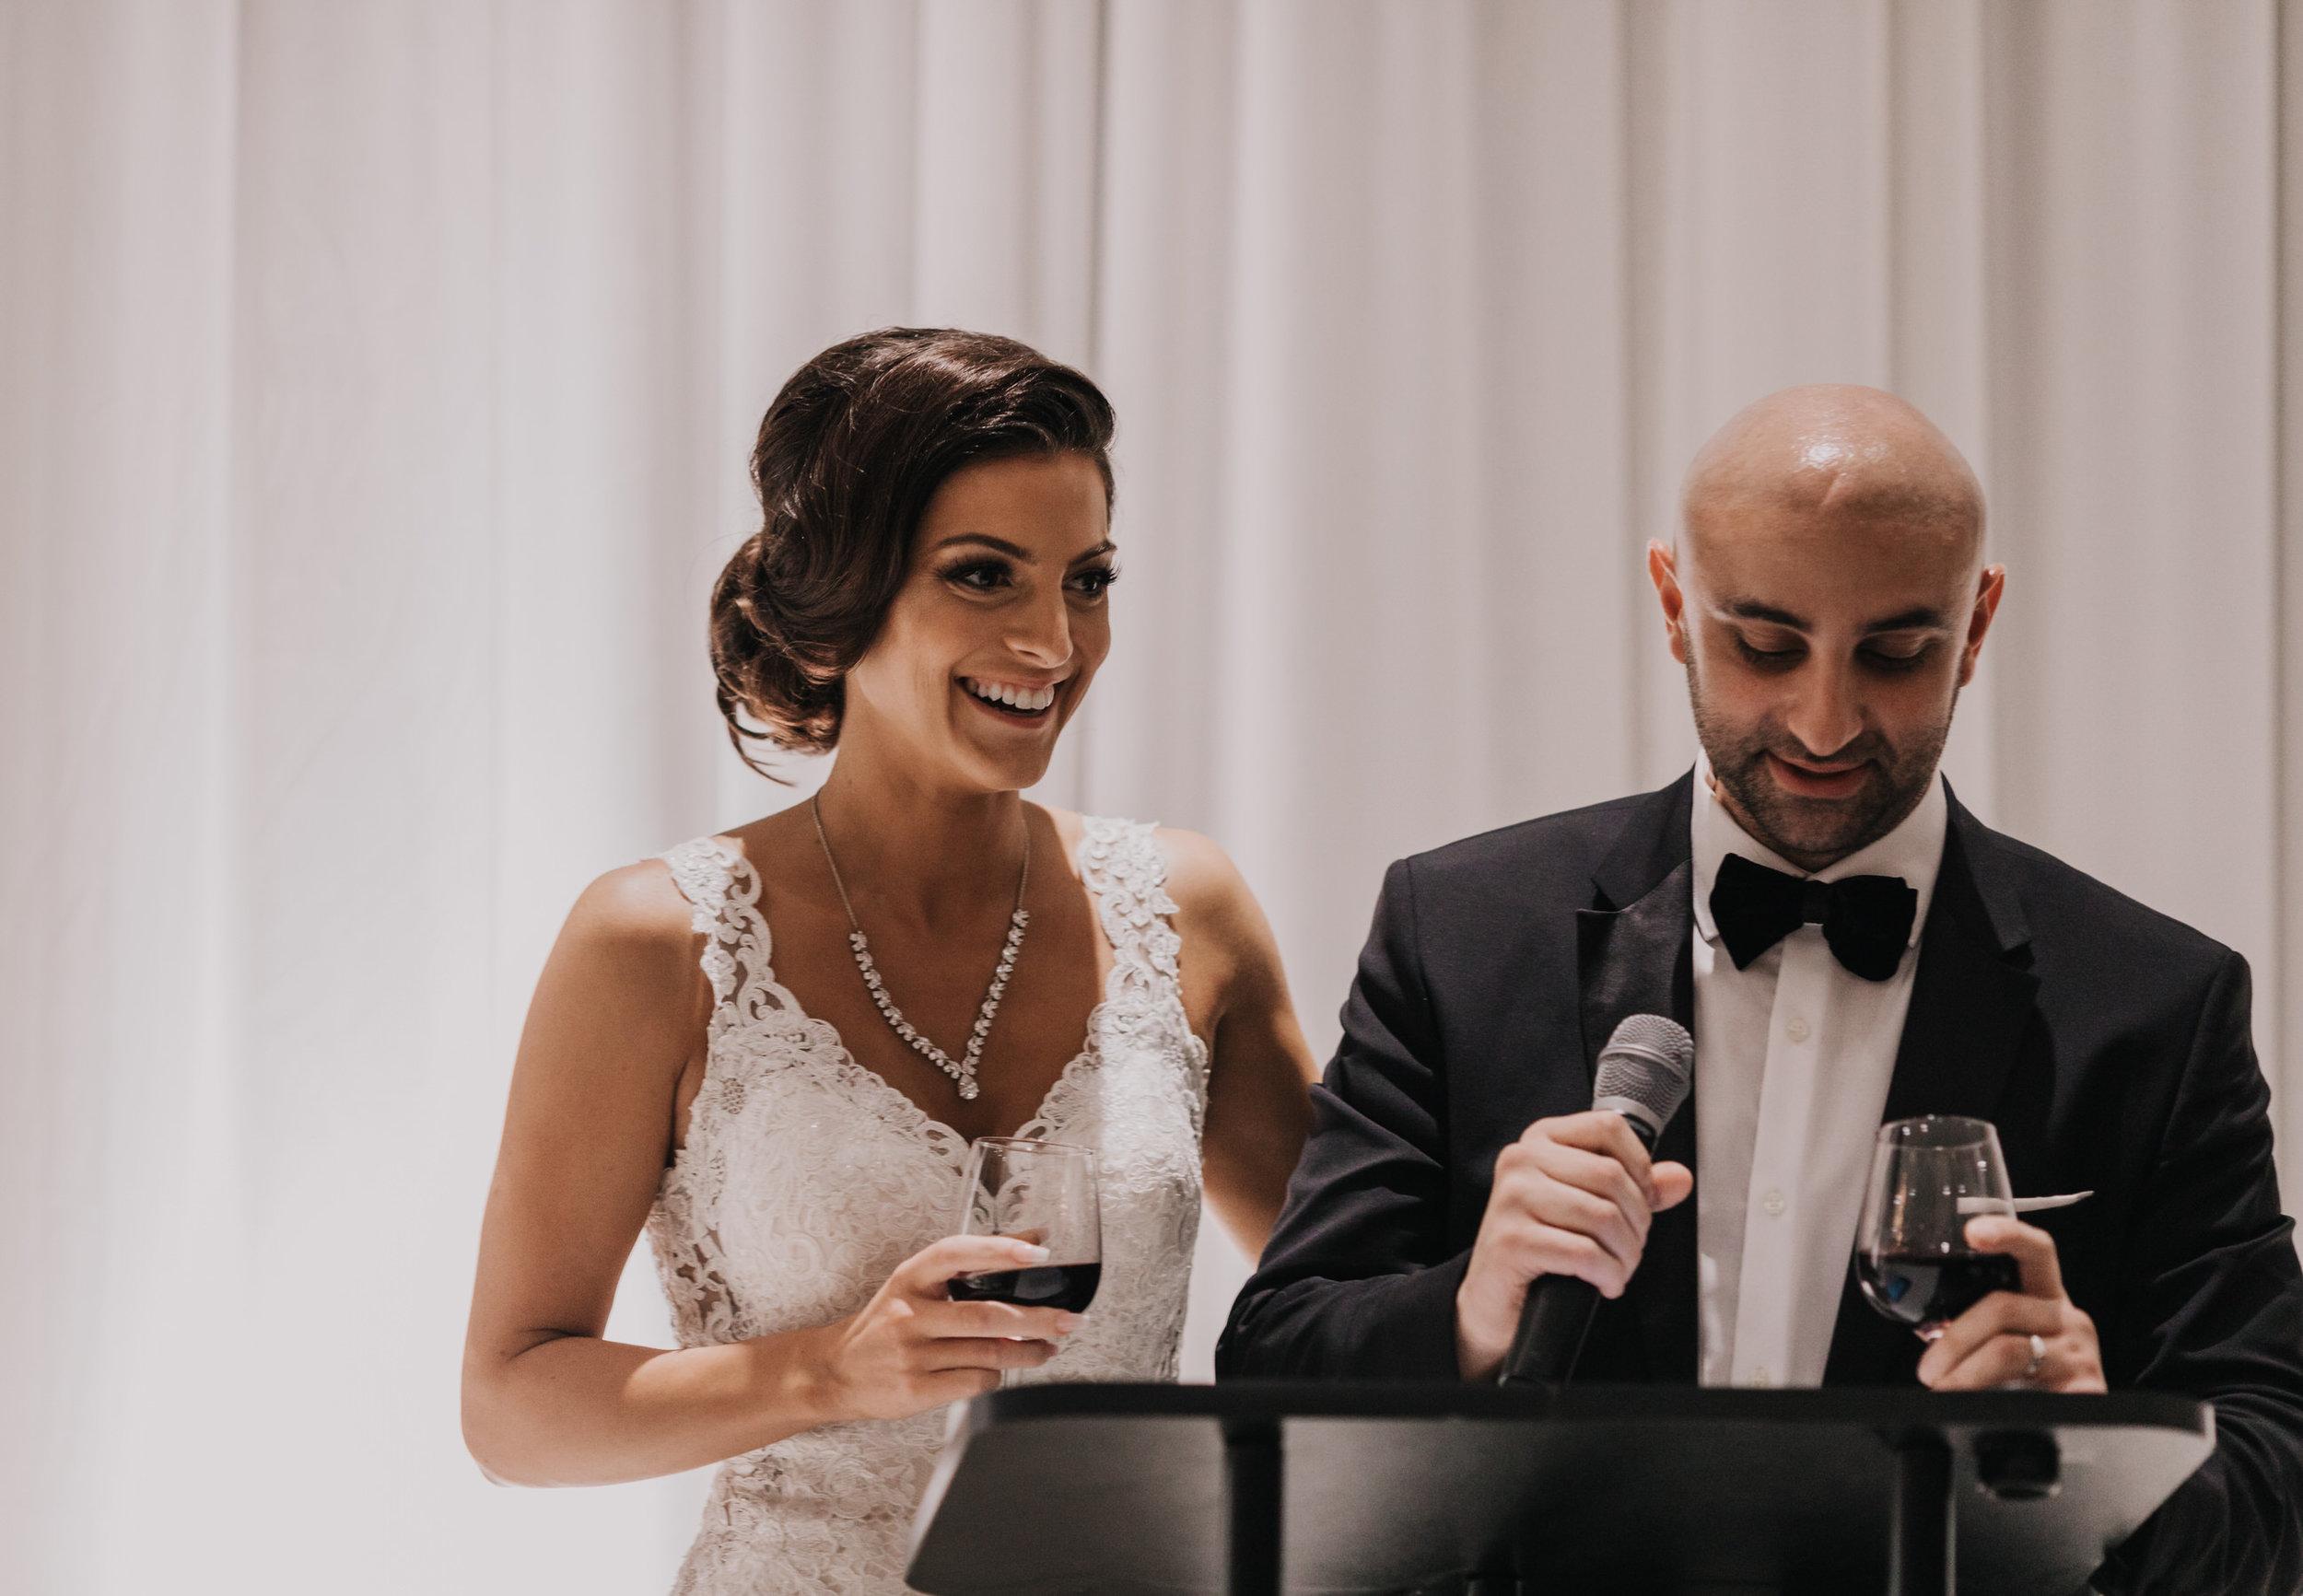 Pitt Meadows Wedding Photographer - Sky Hangar Wedding Photos - Vancouver Wedding Photographer & Videographer - Sunshine Coast Wedding Photos - Sunshine Coast Wedding Photographer - Jennifer Picard Photography - 1A5A3168.jpg